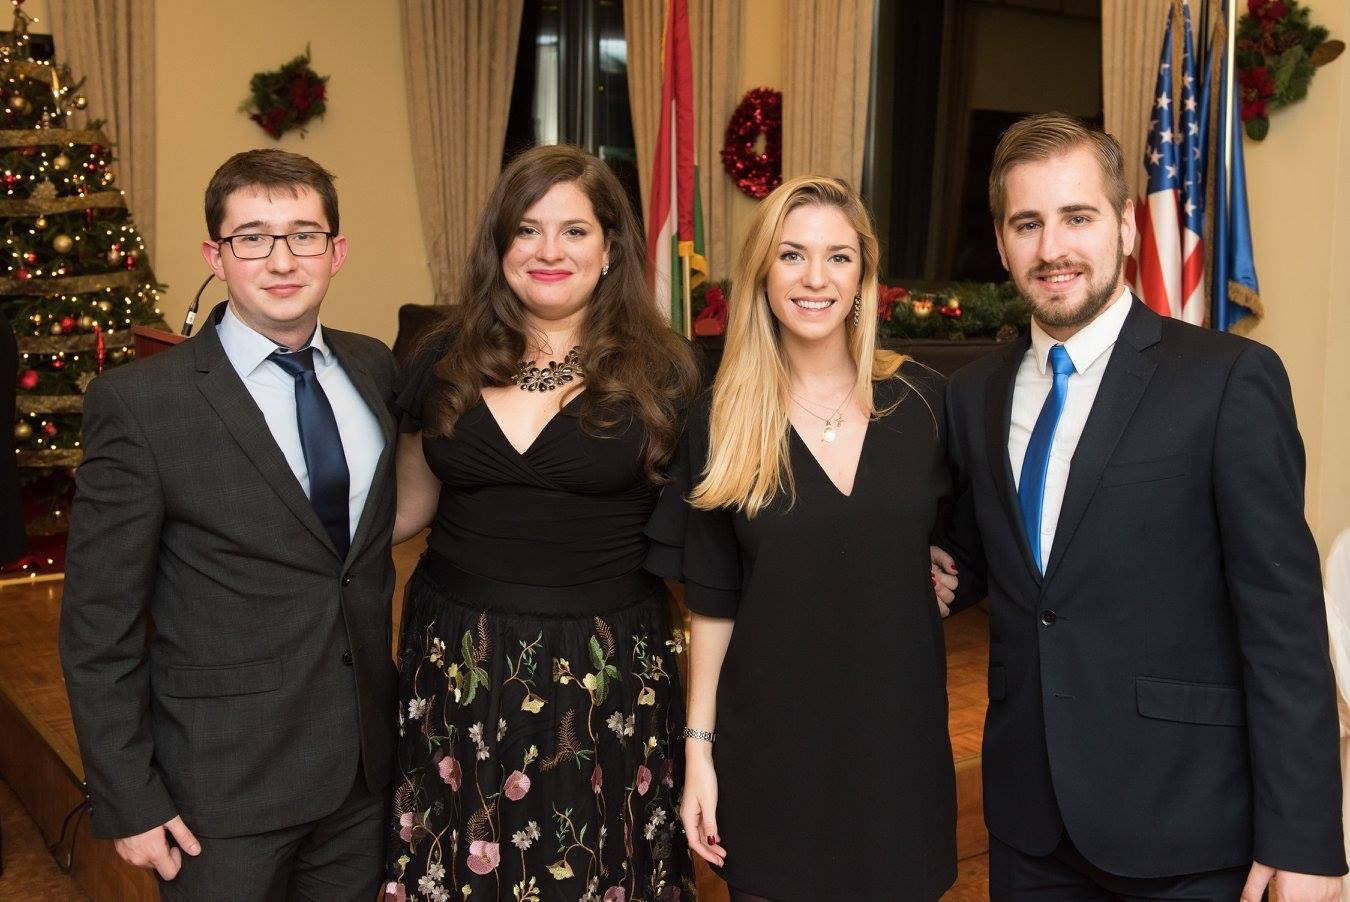 CIP intern Mr. Máté Mátyás, Coalition Program Coordinator Ms. Noémi Bánhidi, CIP intern Ms. Faye Gillespie, CIP intern Mr. László Szerencsés